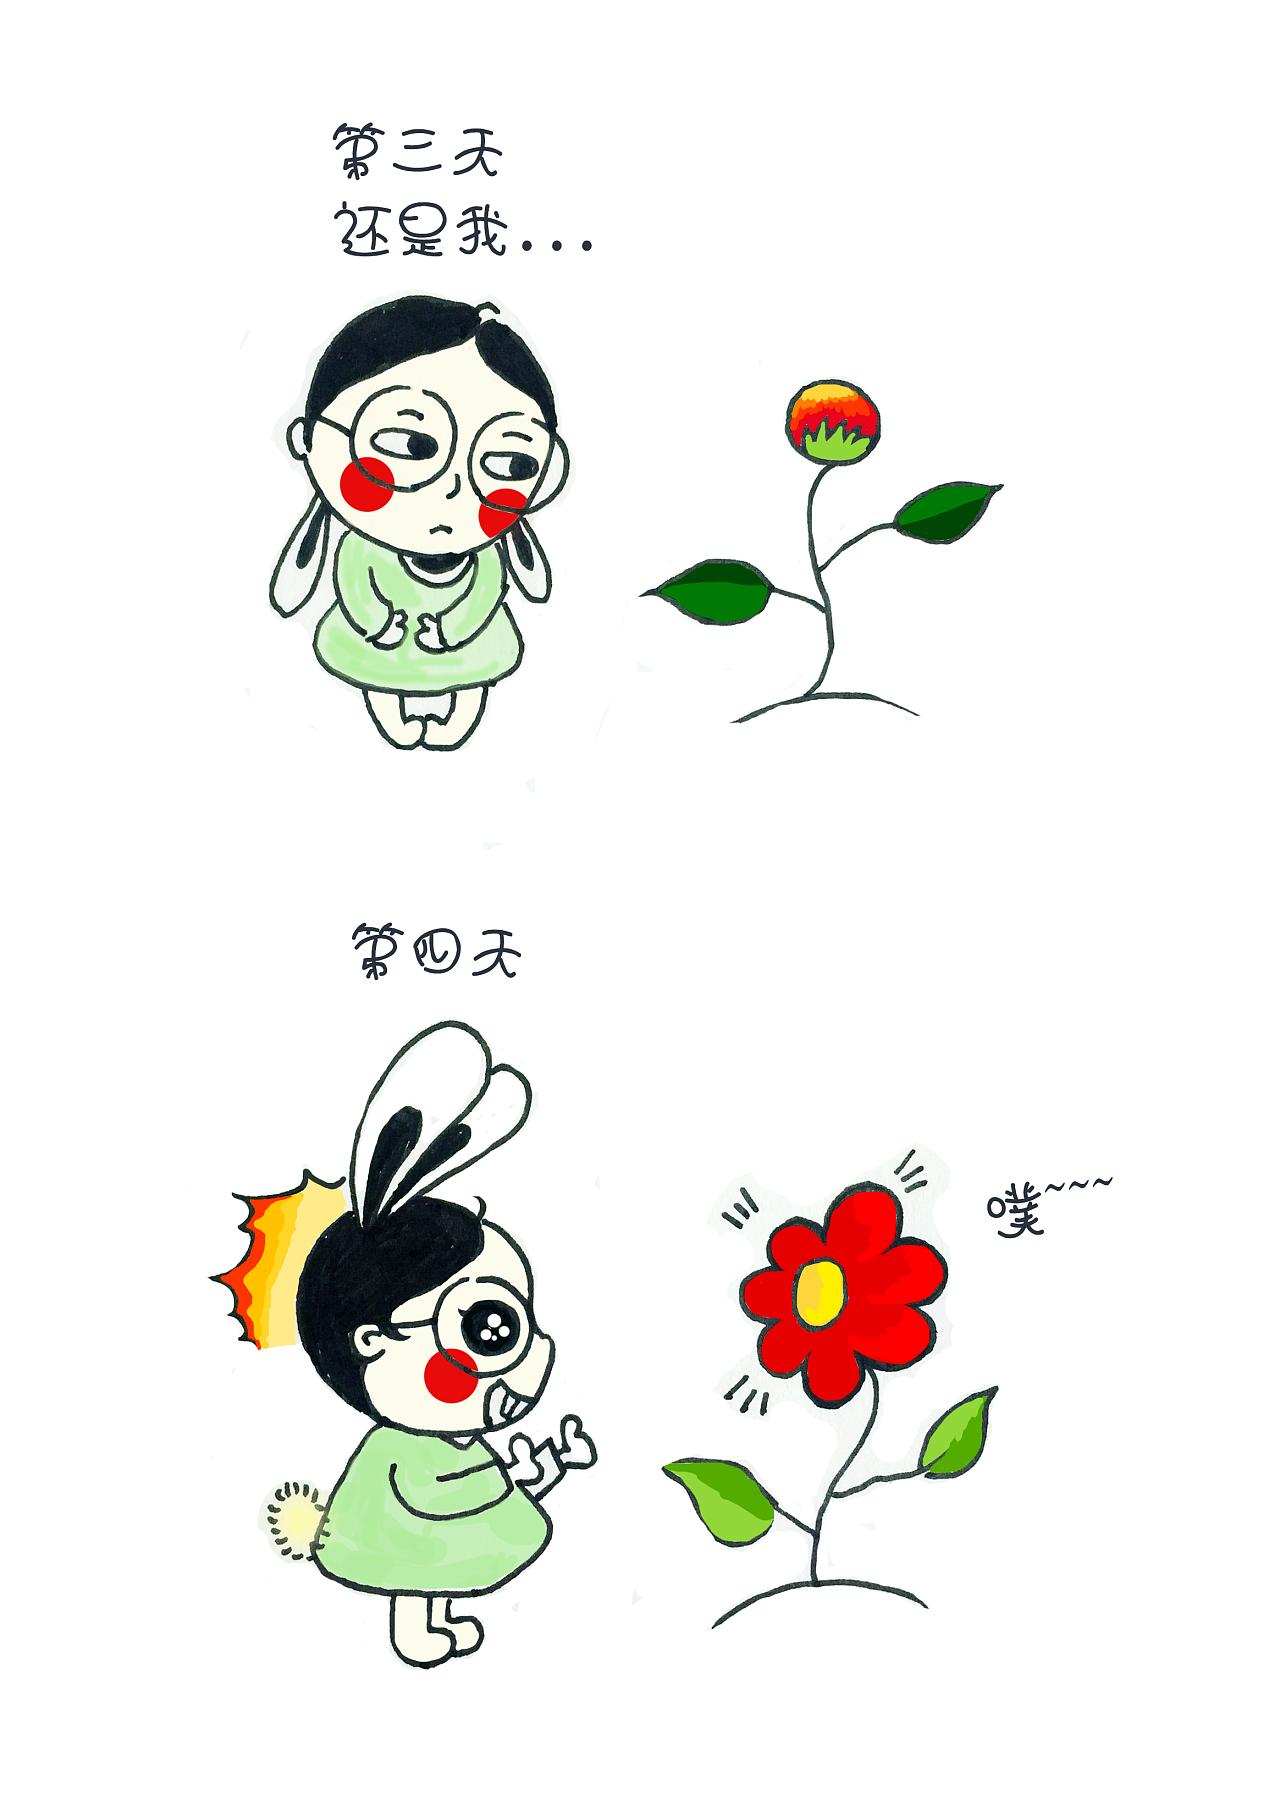 糊涂兔-彩铅·手绘·卡通-儿童-花朵|插画|插画习作